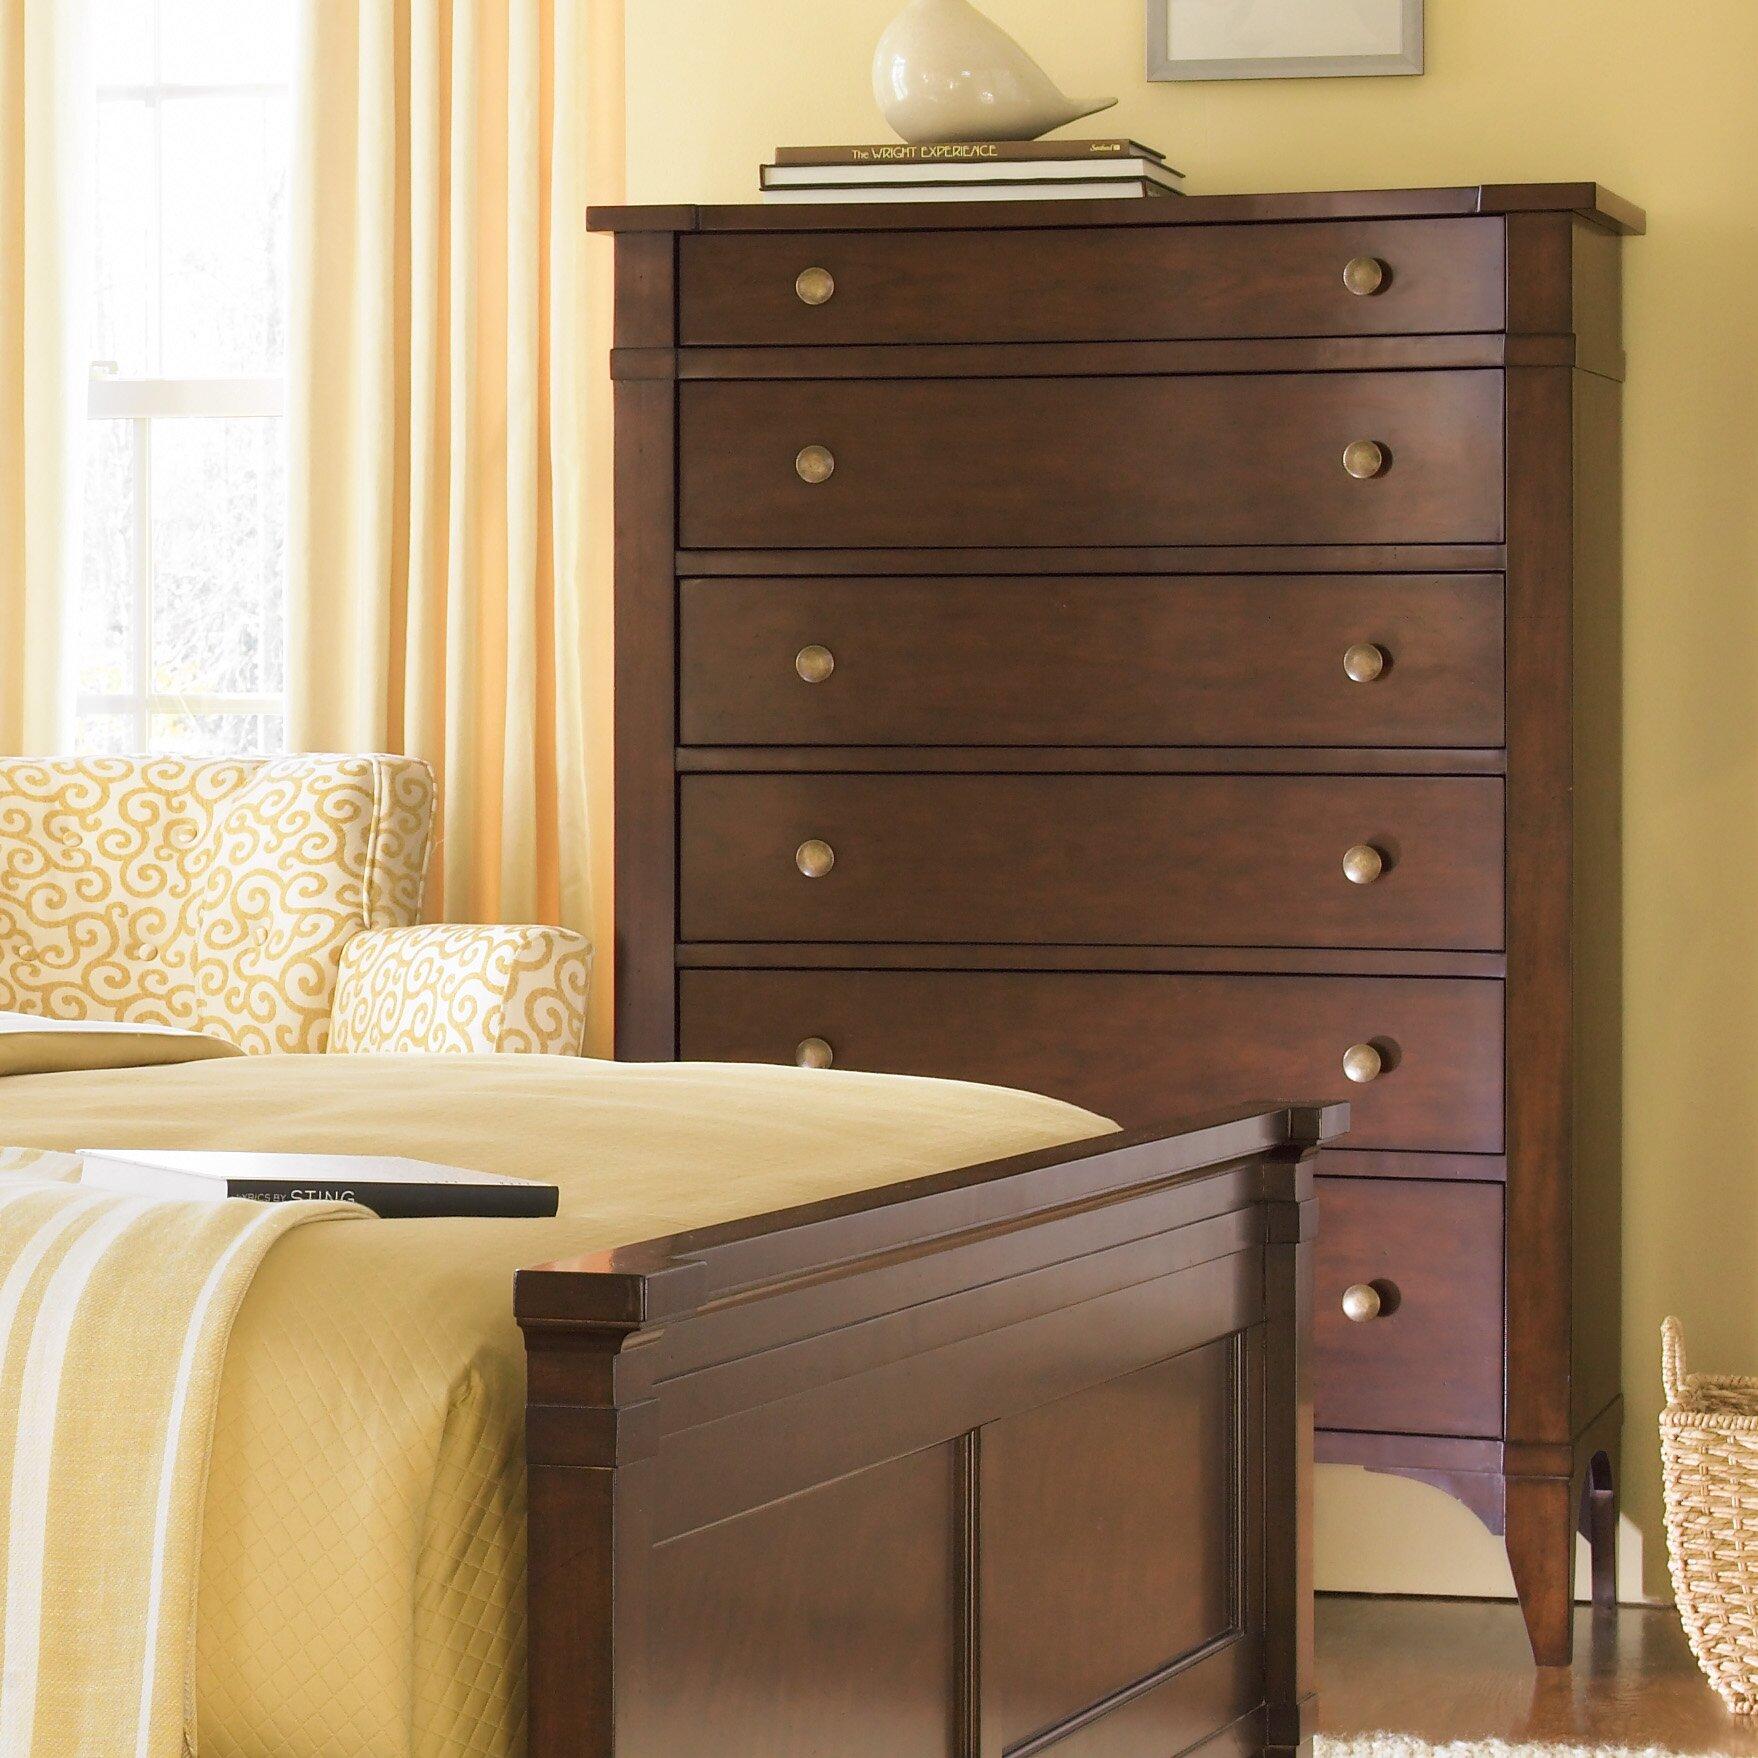 Hooker Furniture Abbott Place 6 Drawer Chest Reviews Wayfair